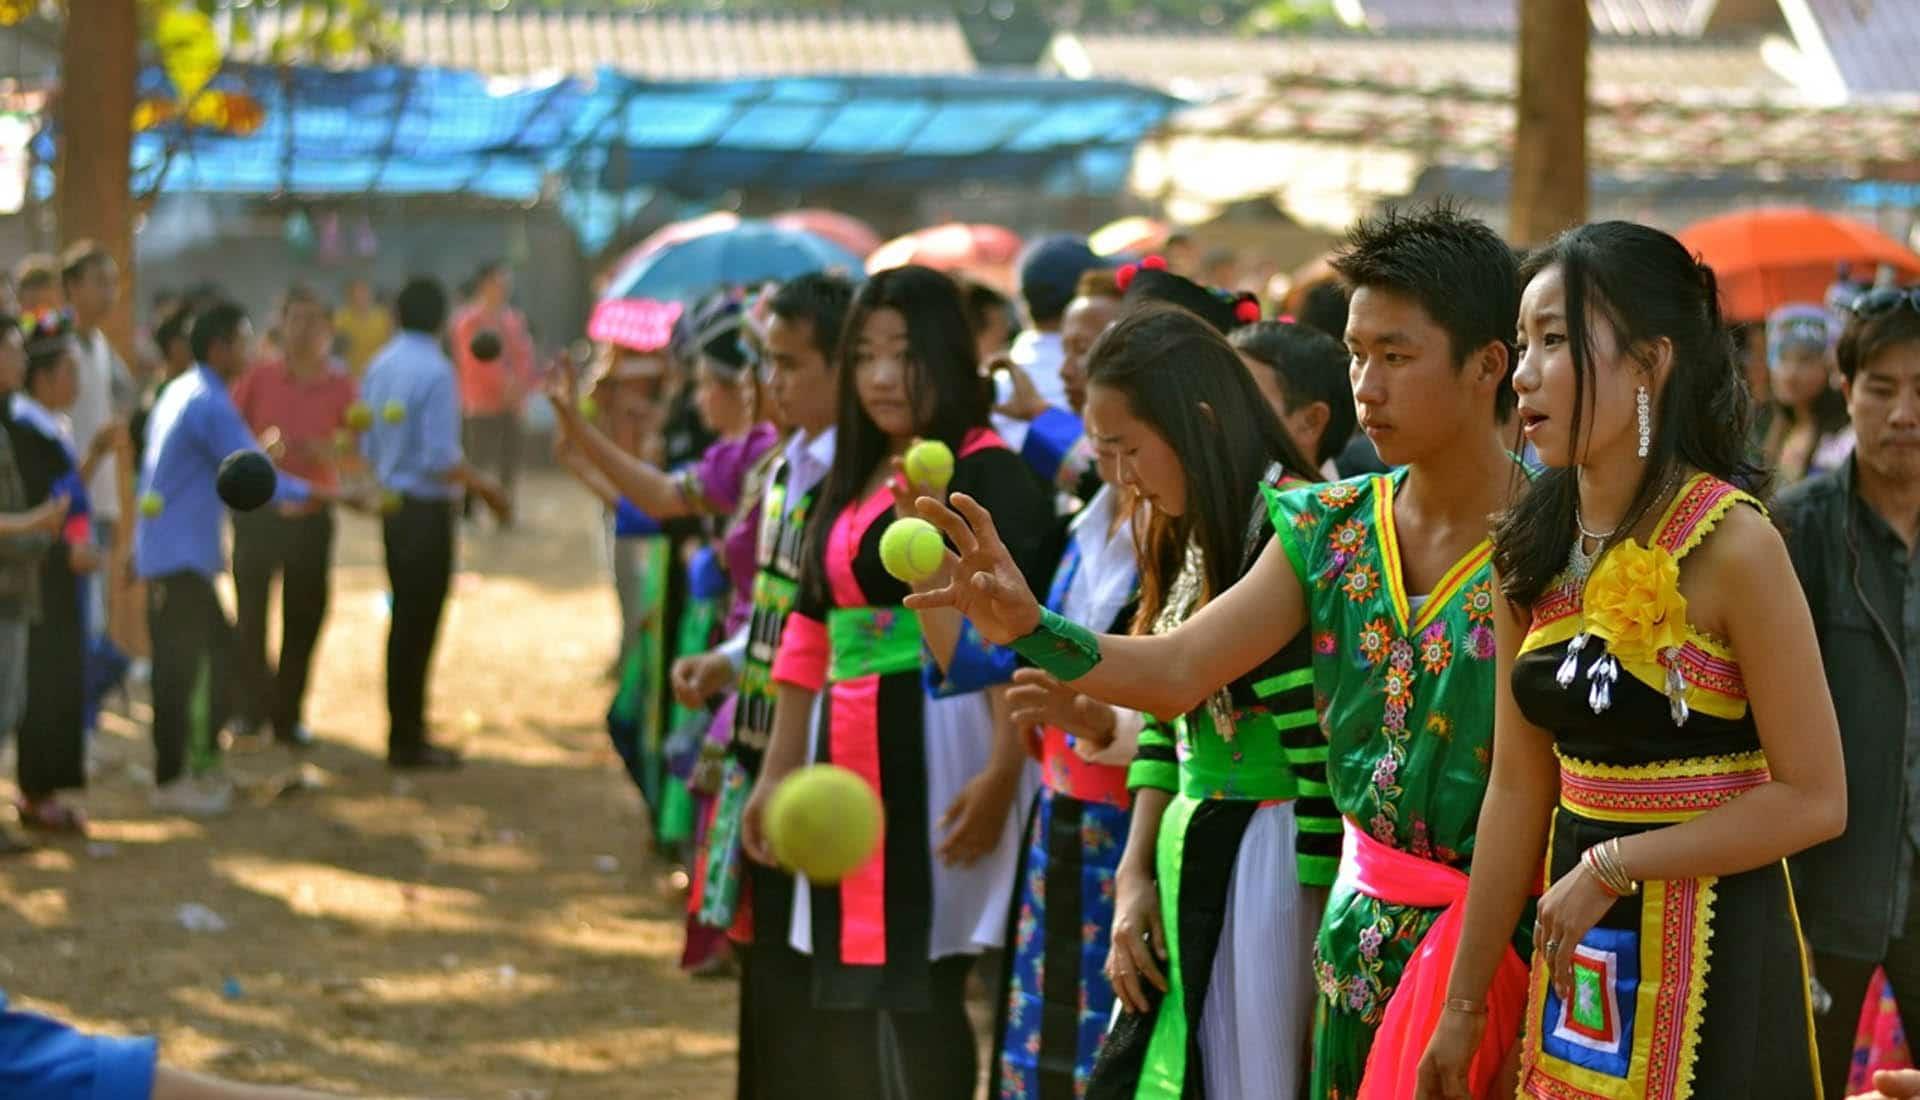 Hmong rencontres en ligne